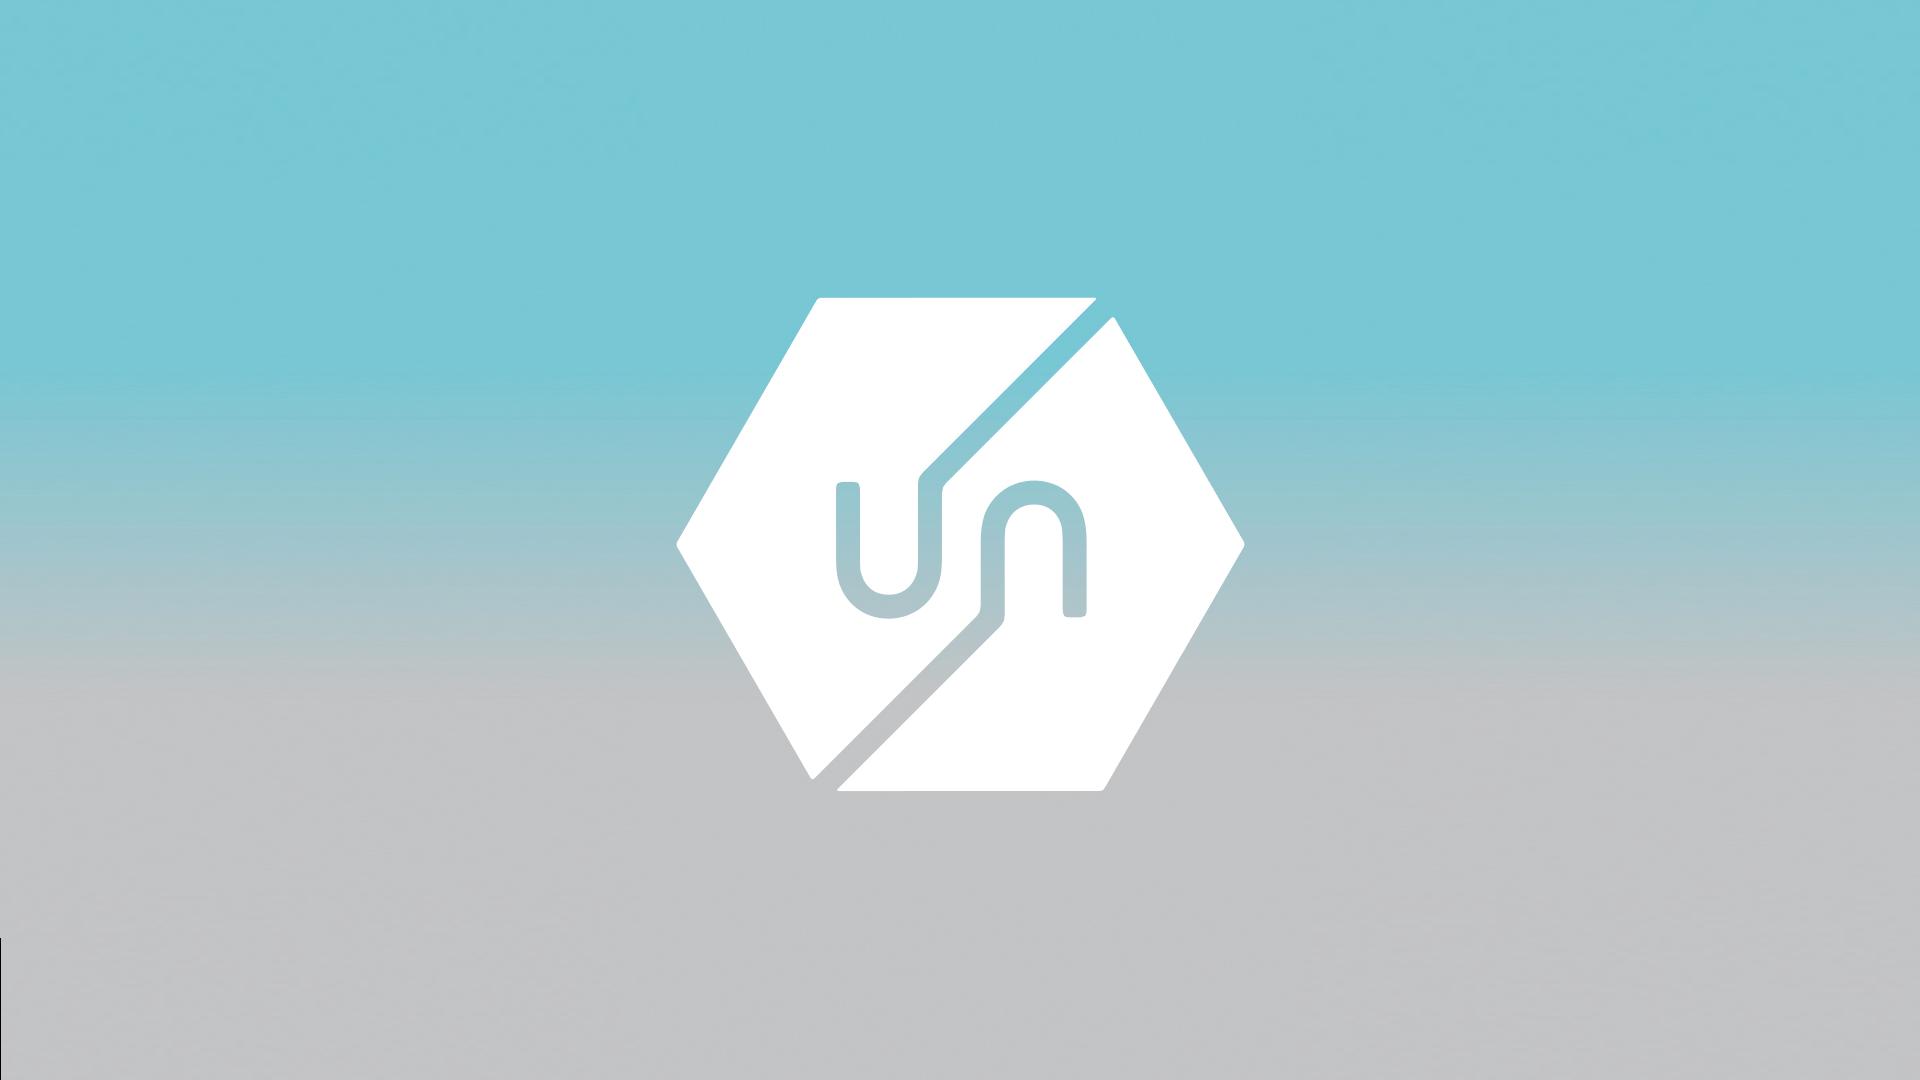 Undernews Comunicación, web hecha por murciègalo en 2015